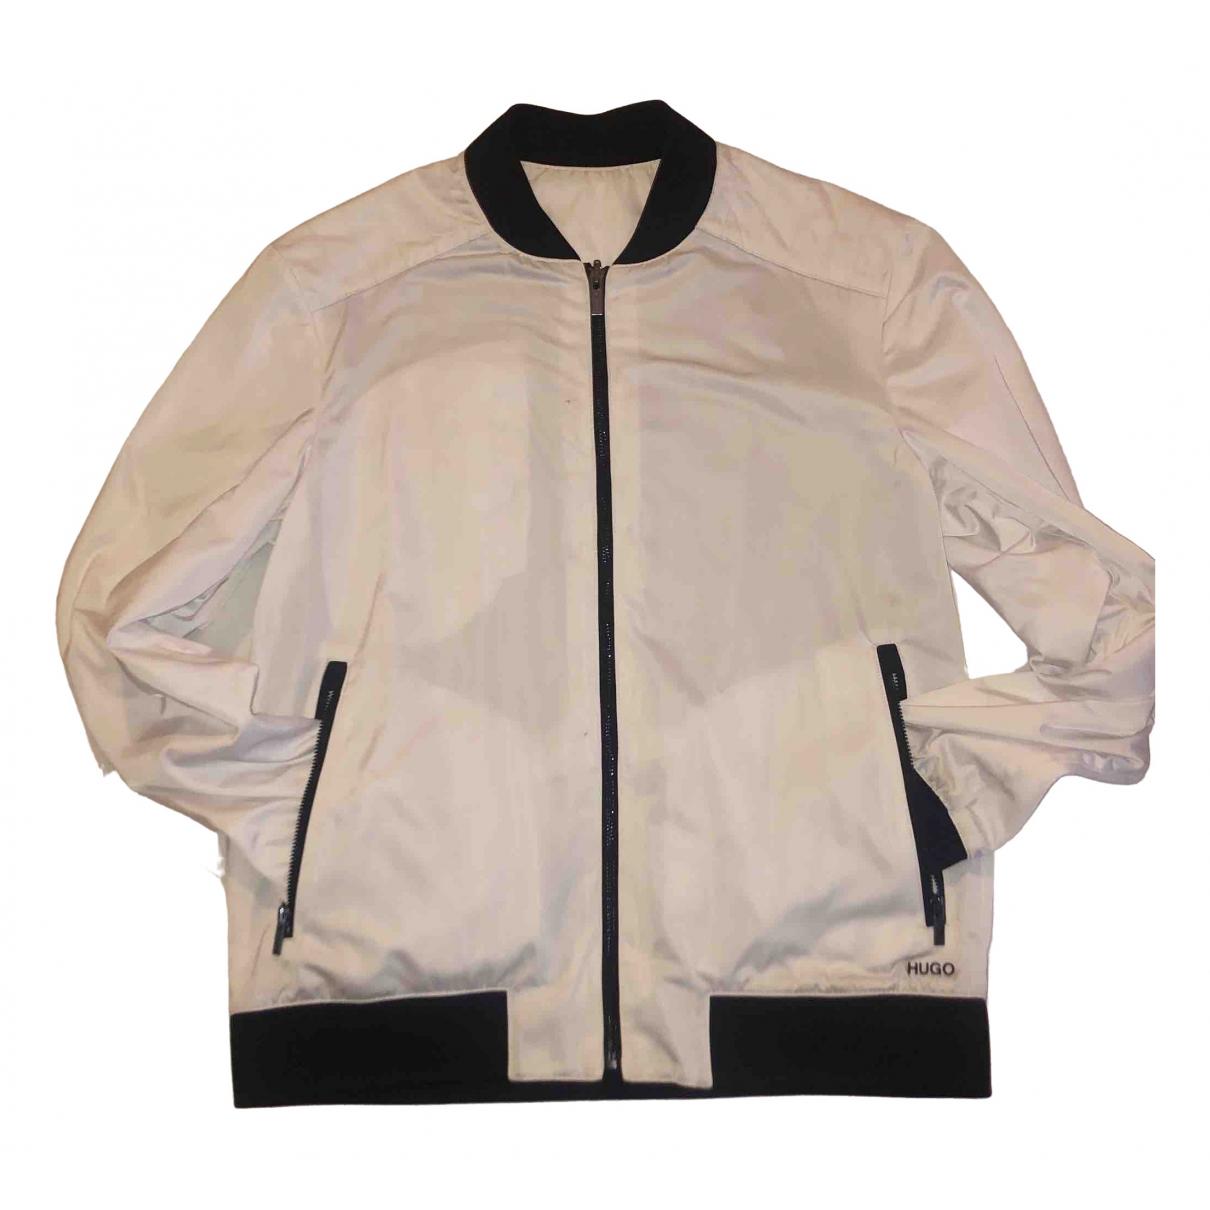 Hugo Boss \N White jacket  for Men M International